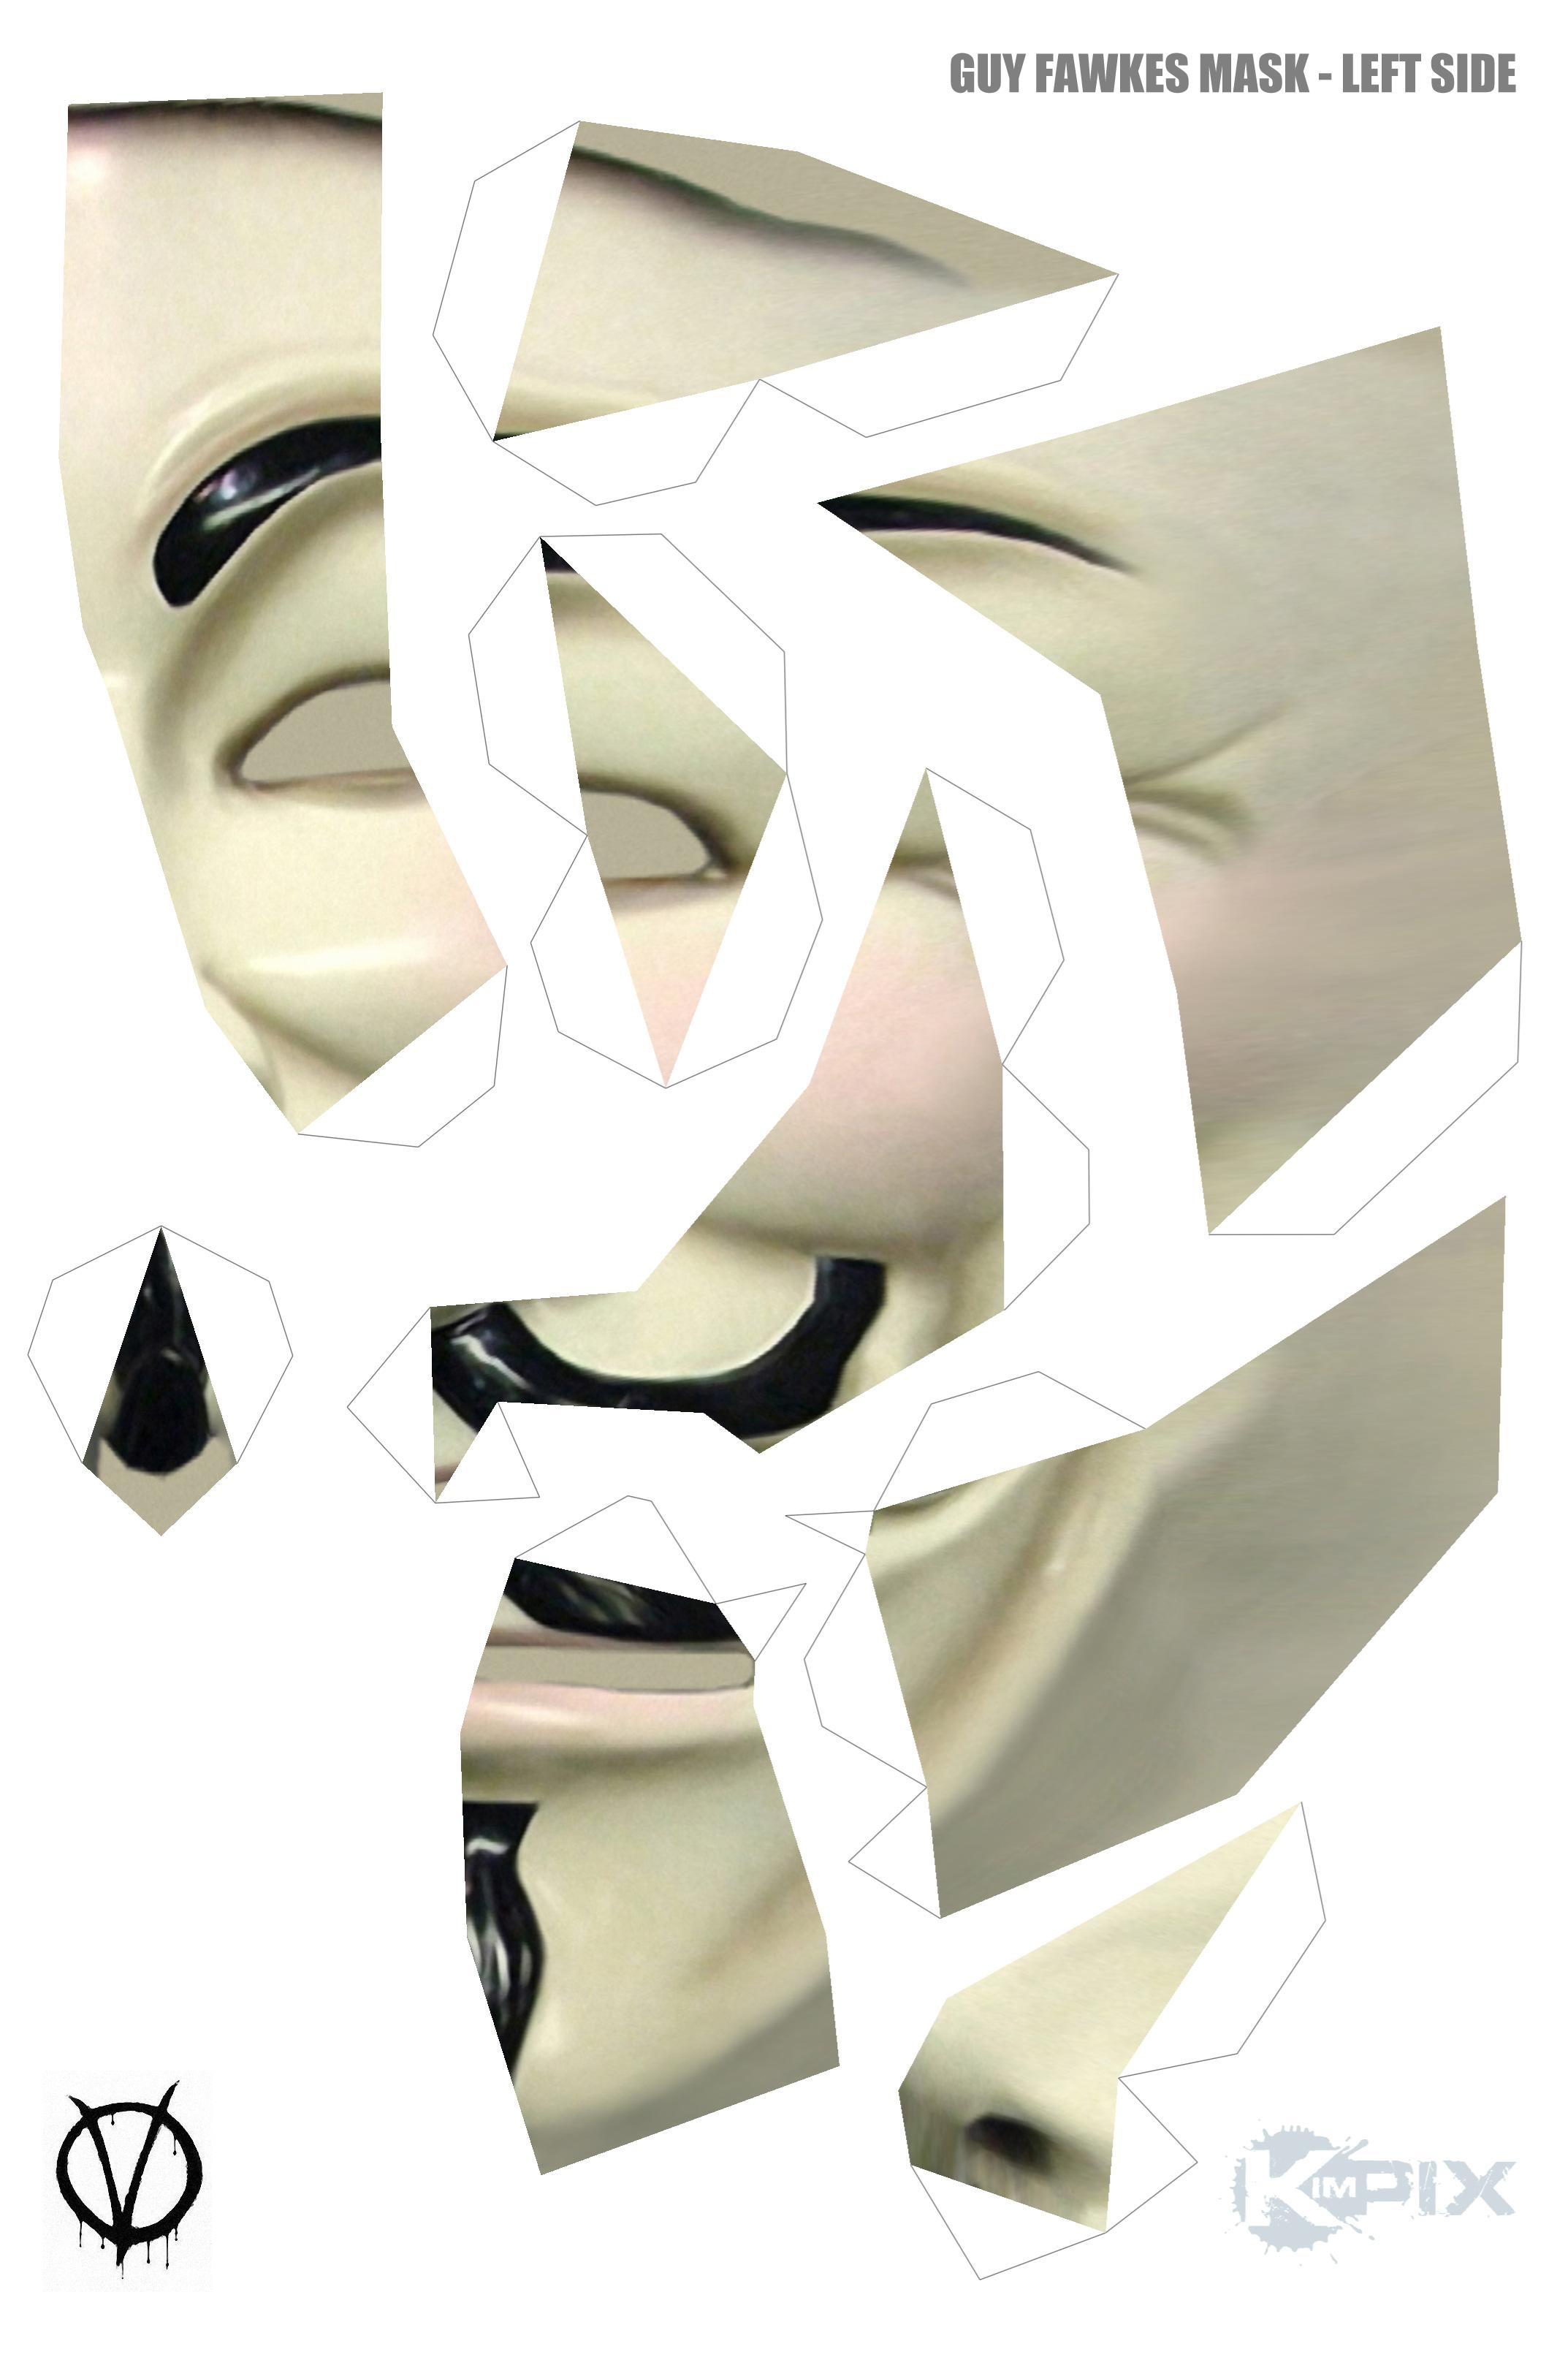 Как сделать из бумаги маску гая фокса